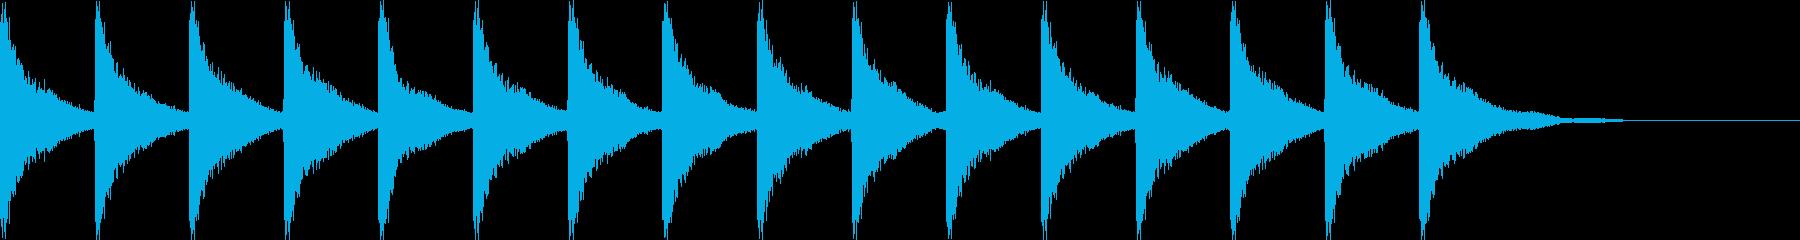 カーンカーンカーンの再生済みの波形